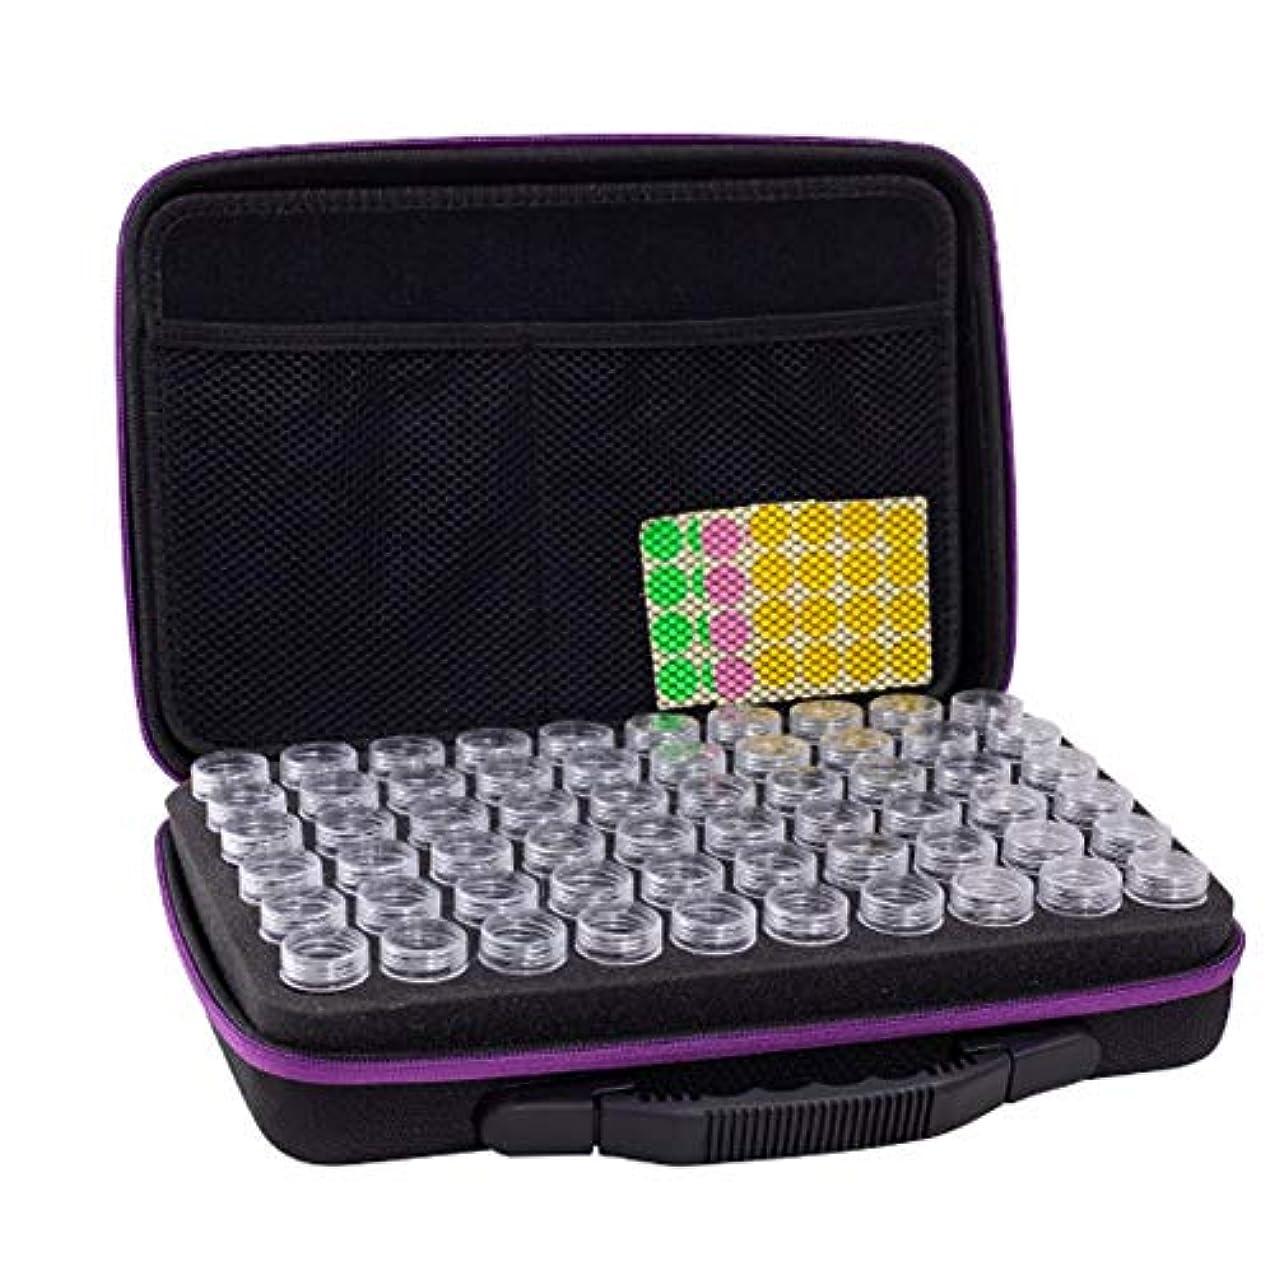 不合格気取らない肯定的アロマポーチ エッセンシャルオイル ケース 携帯用 アロマケース メイクポーチ 精油ケース 大容量 アロマセラピストポーチ 120本用 サイズ:32 22.5 8.5 CM